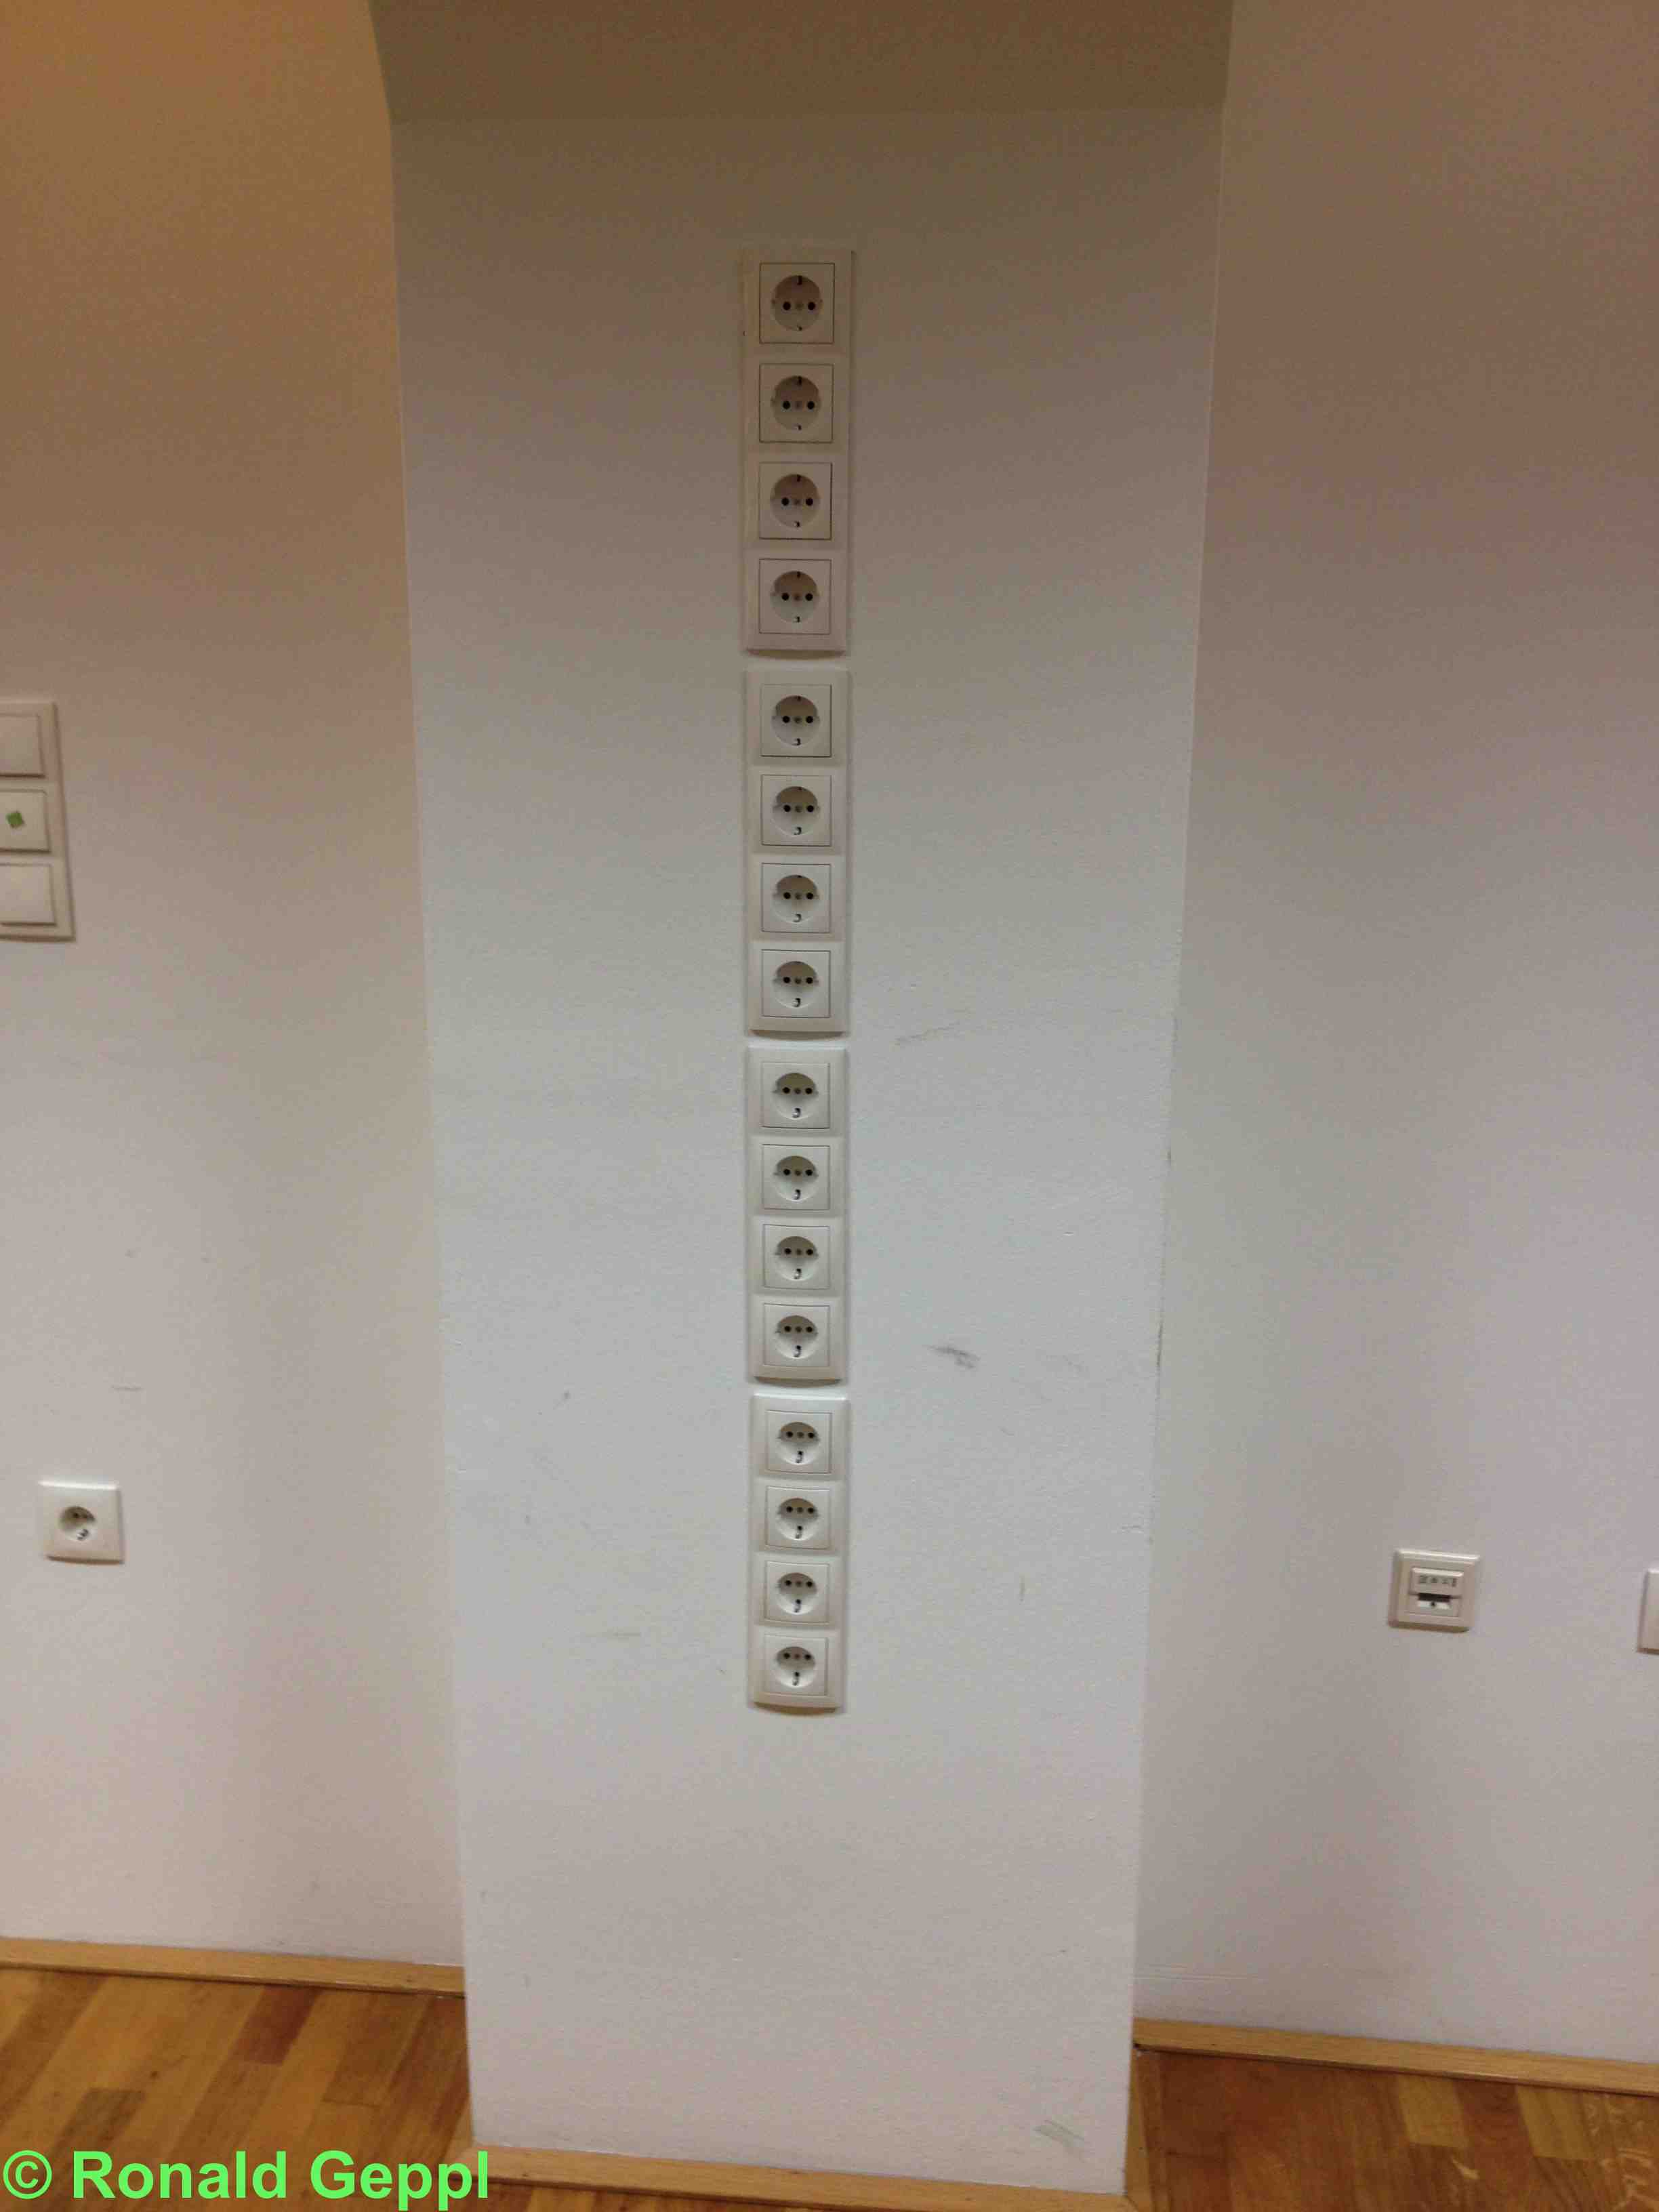 Eine Reihe von Steckdosen